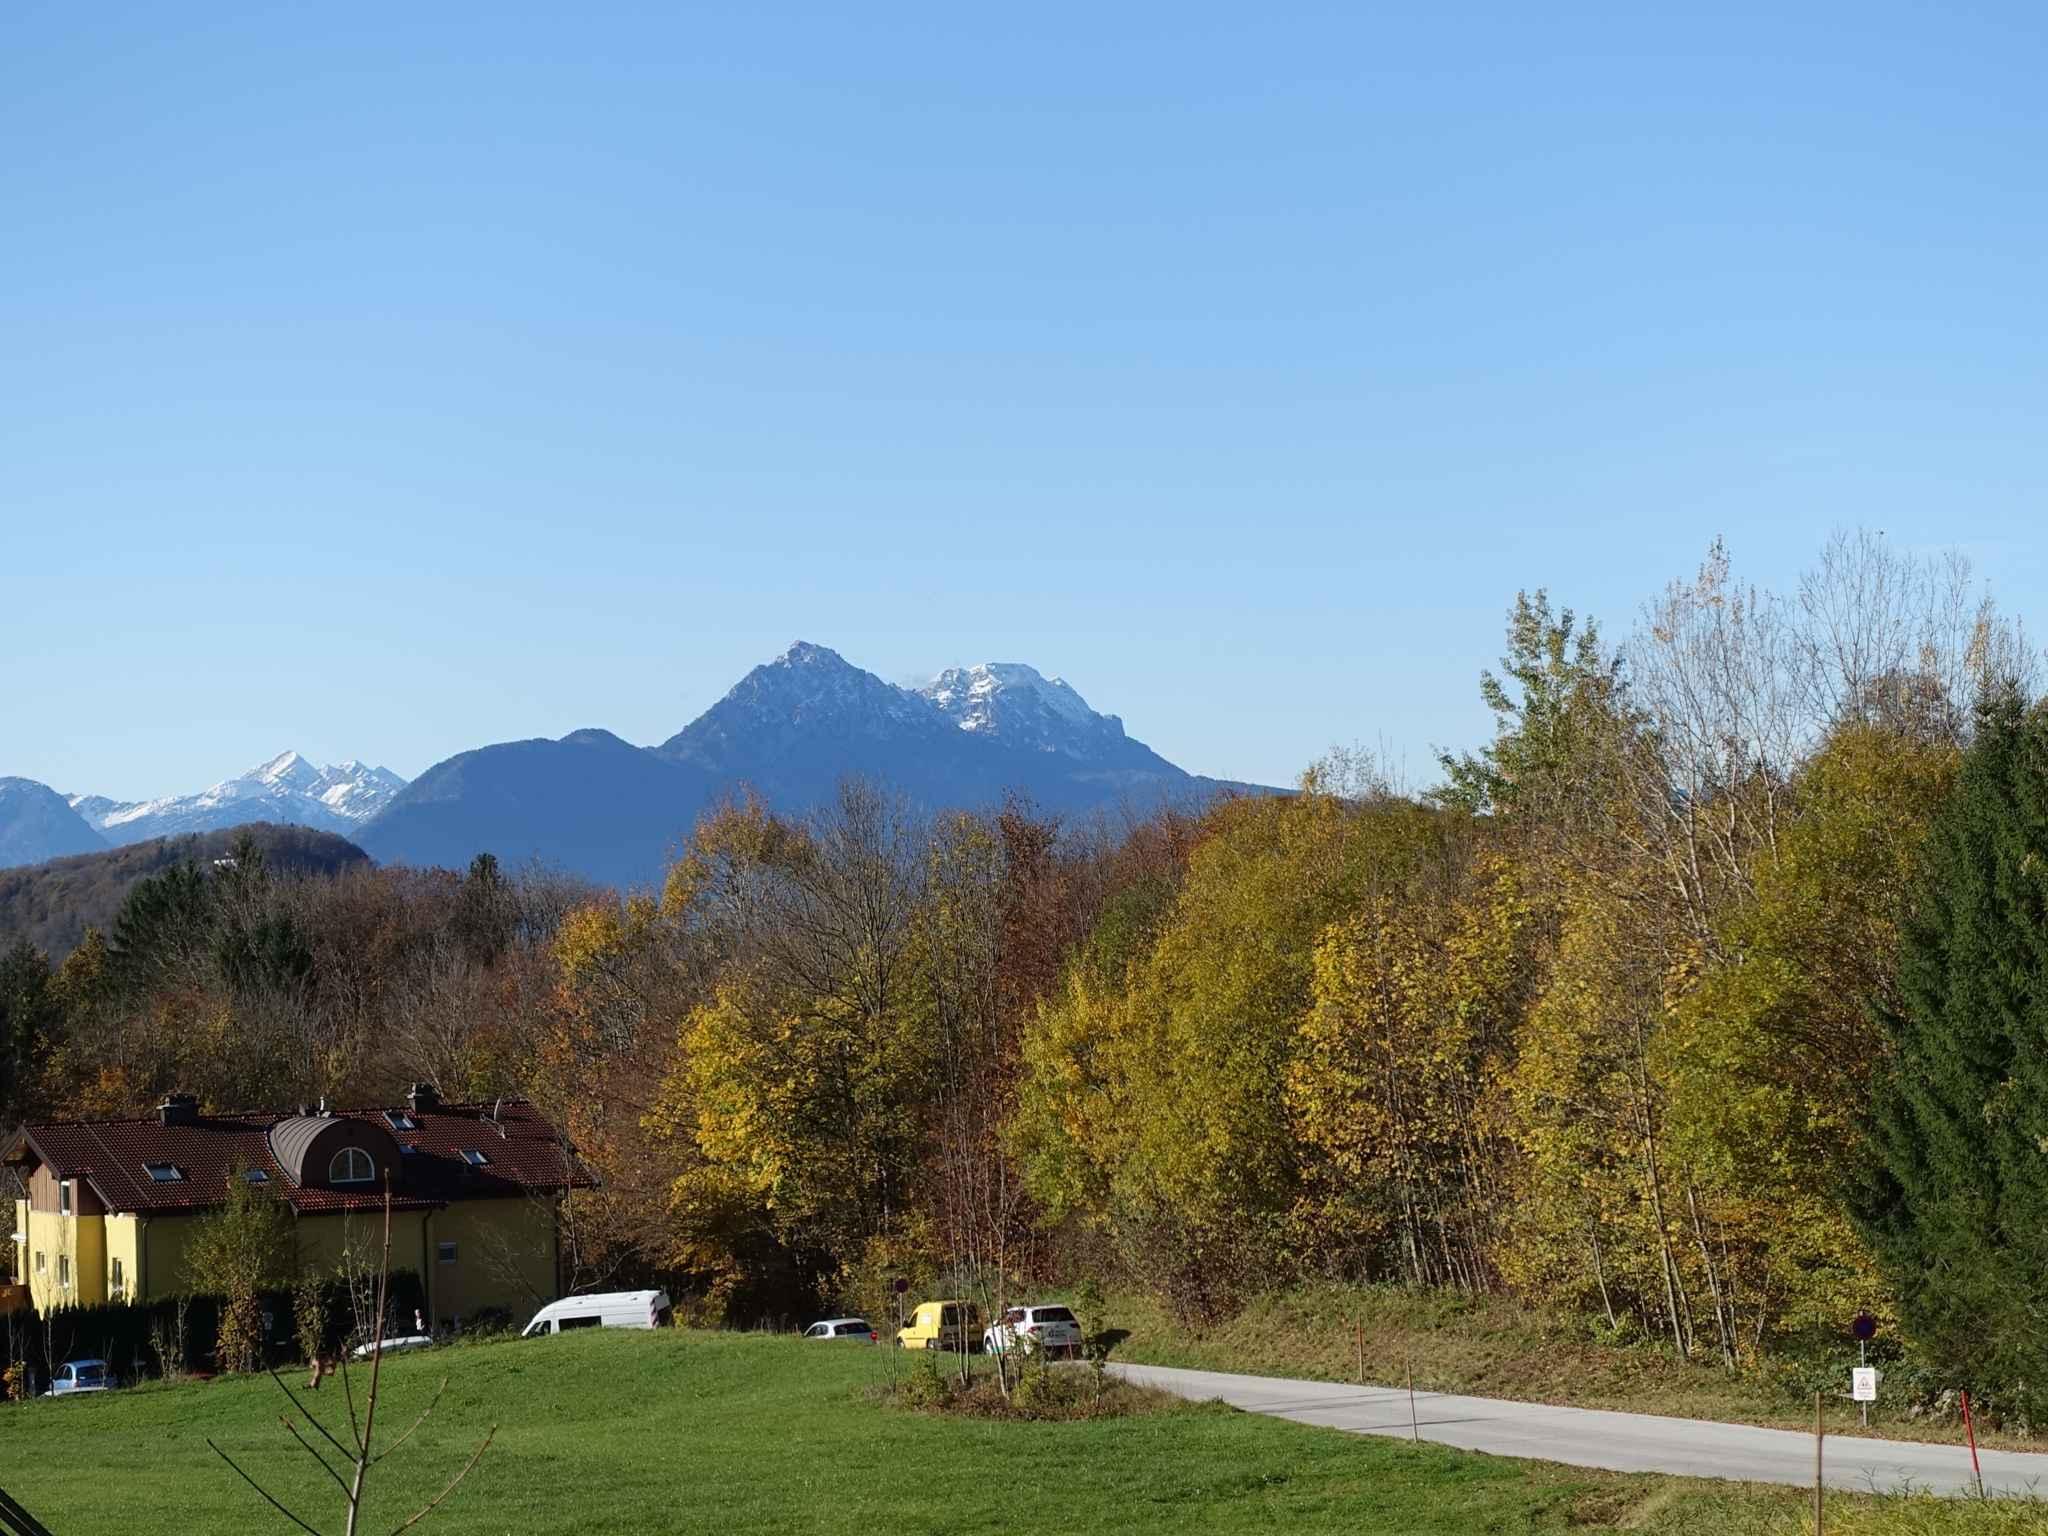 Ferienhaus im Thermal-Biodorf inkl. Wellness (430208), Bad Waltersdorf, Oststeiermark, Steiermark, Österreich, Bild 33